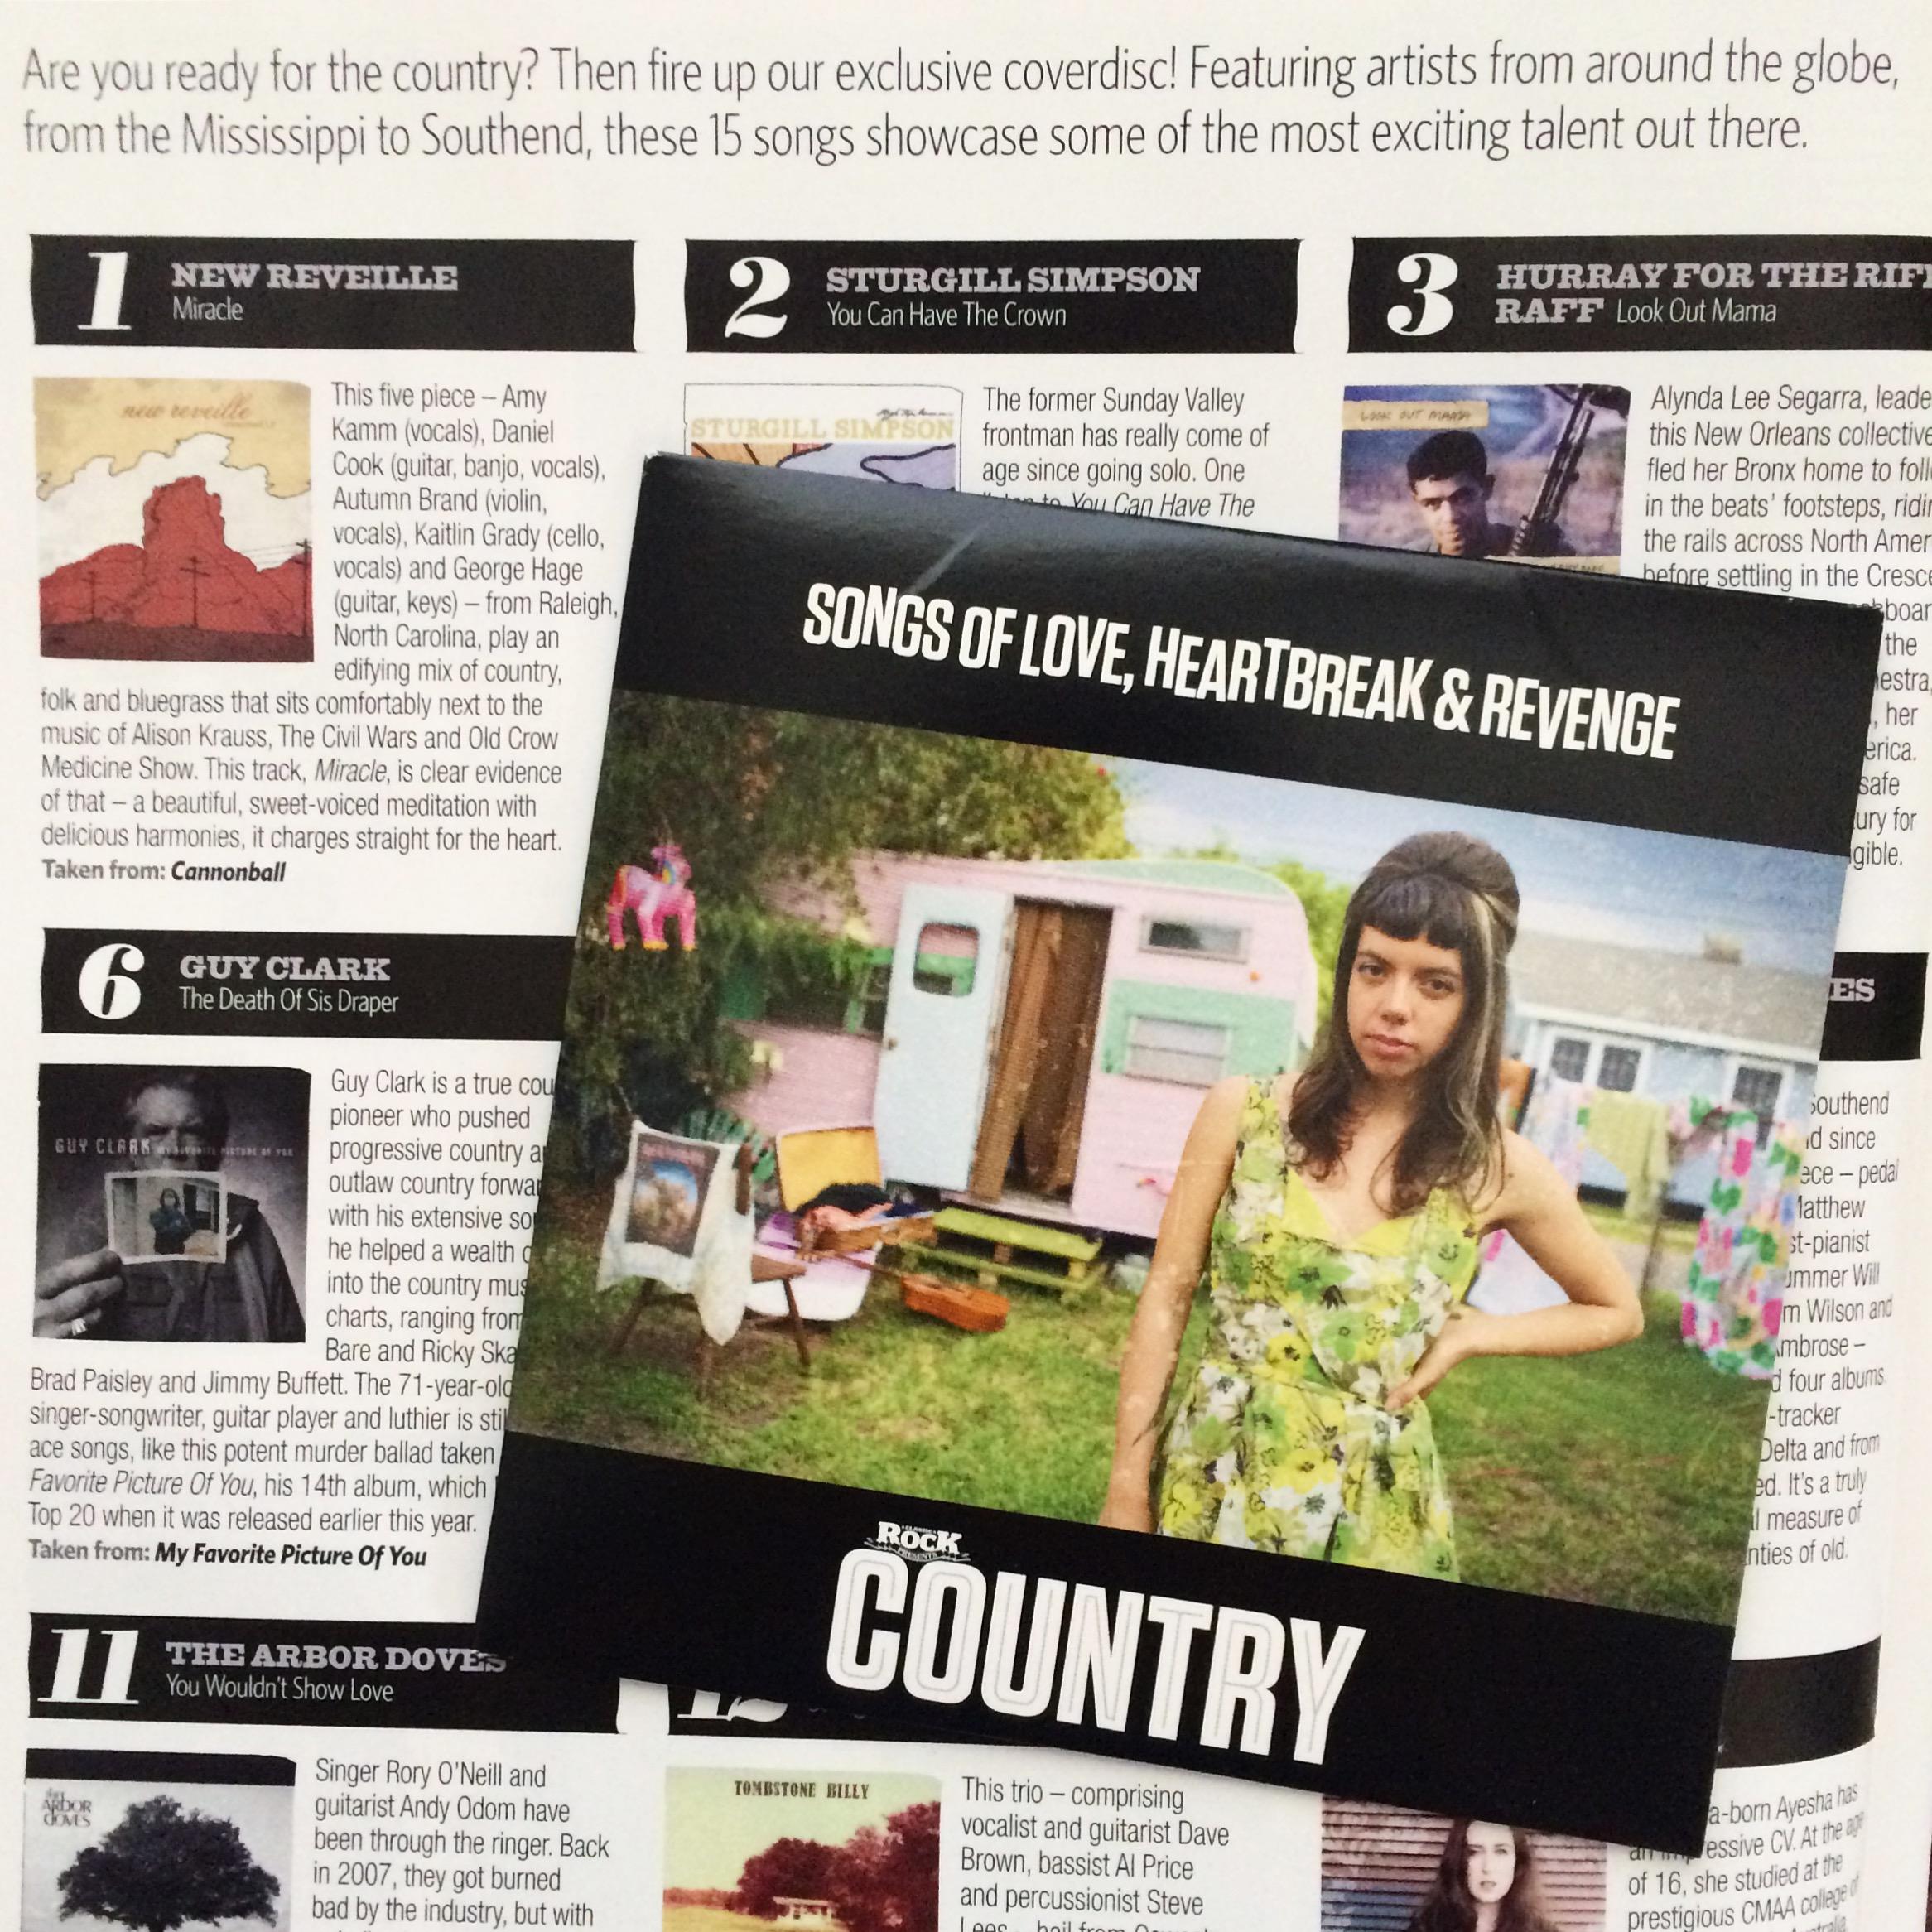 CountryMusicMagazine2013-photo1.JPG